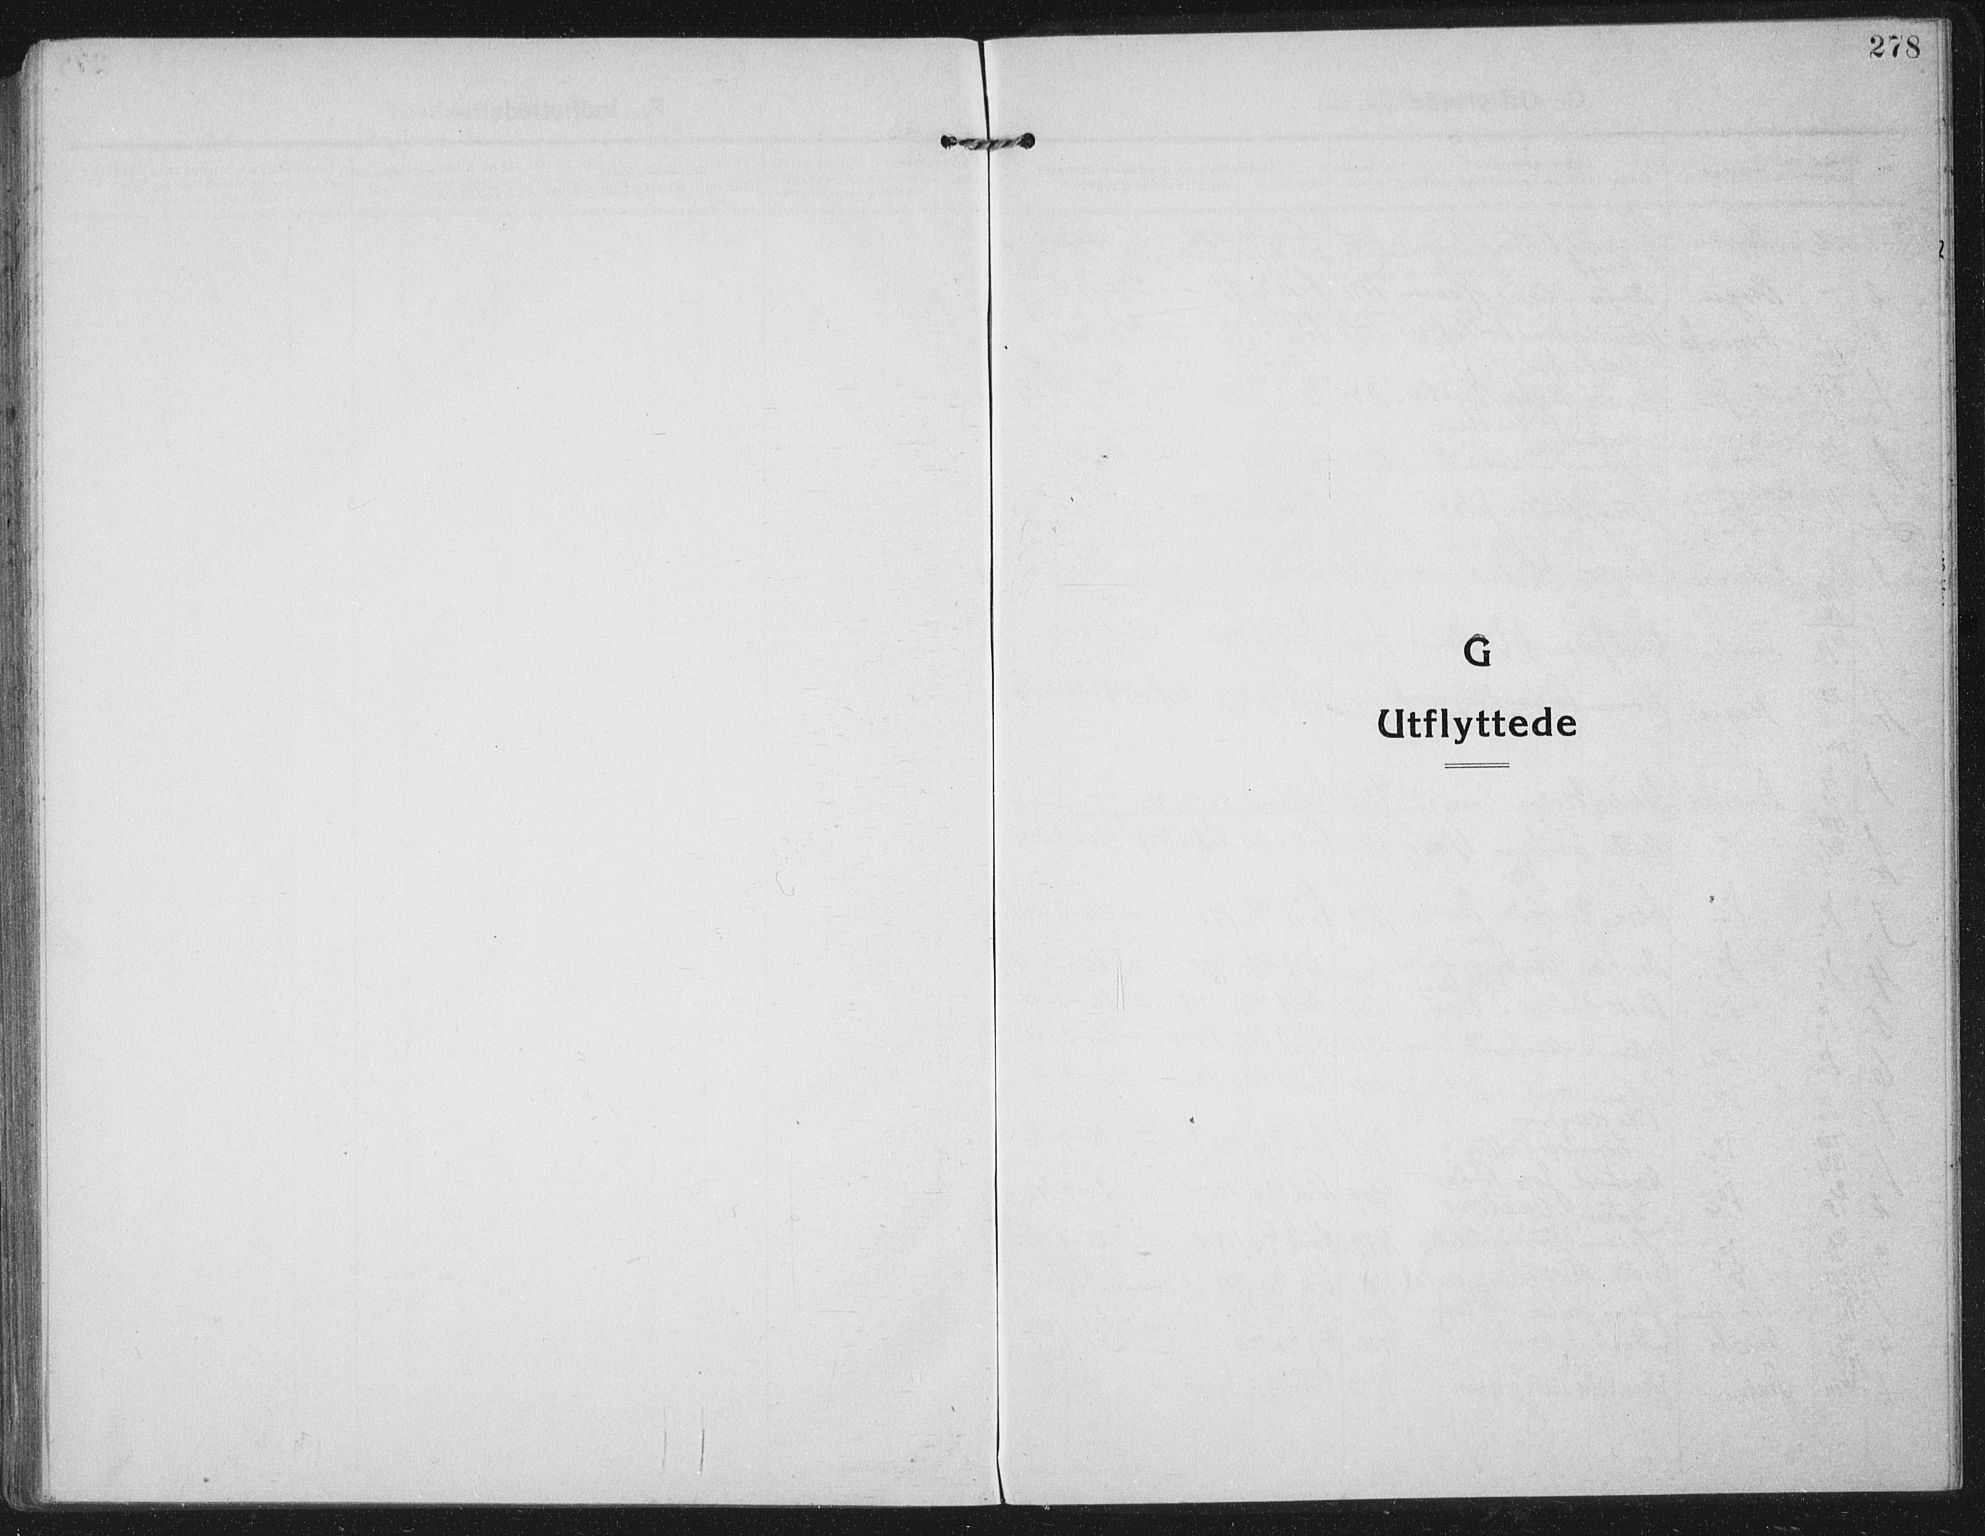 SAT, Ministerialprotokoller, klokkerbøker og fødselsregistre - Nord-Trøndelag, 709/L0083: Ministerialbok nr. 709A23, 1916-1928, s. 278